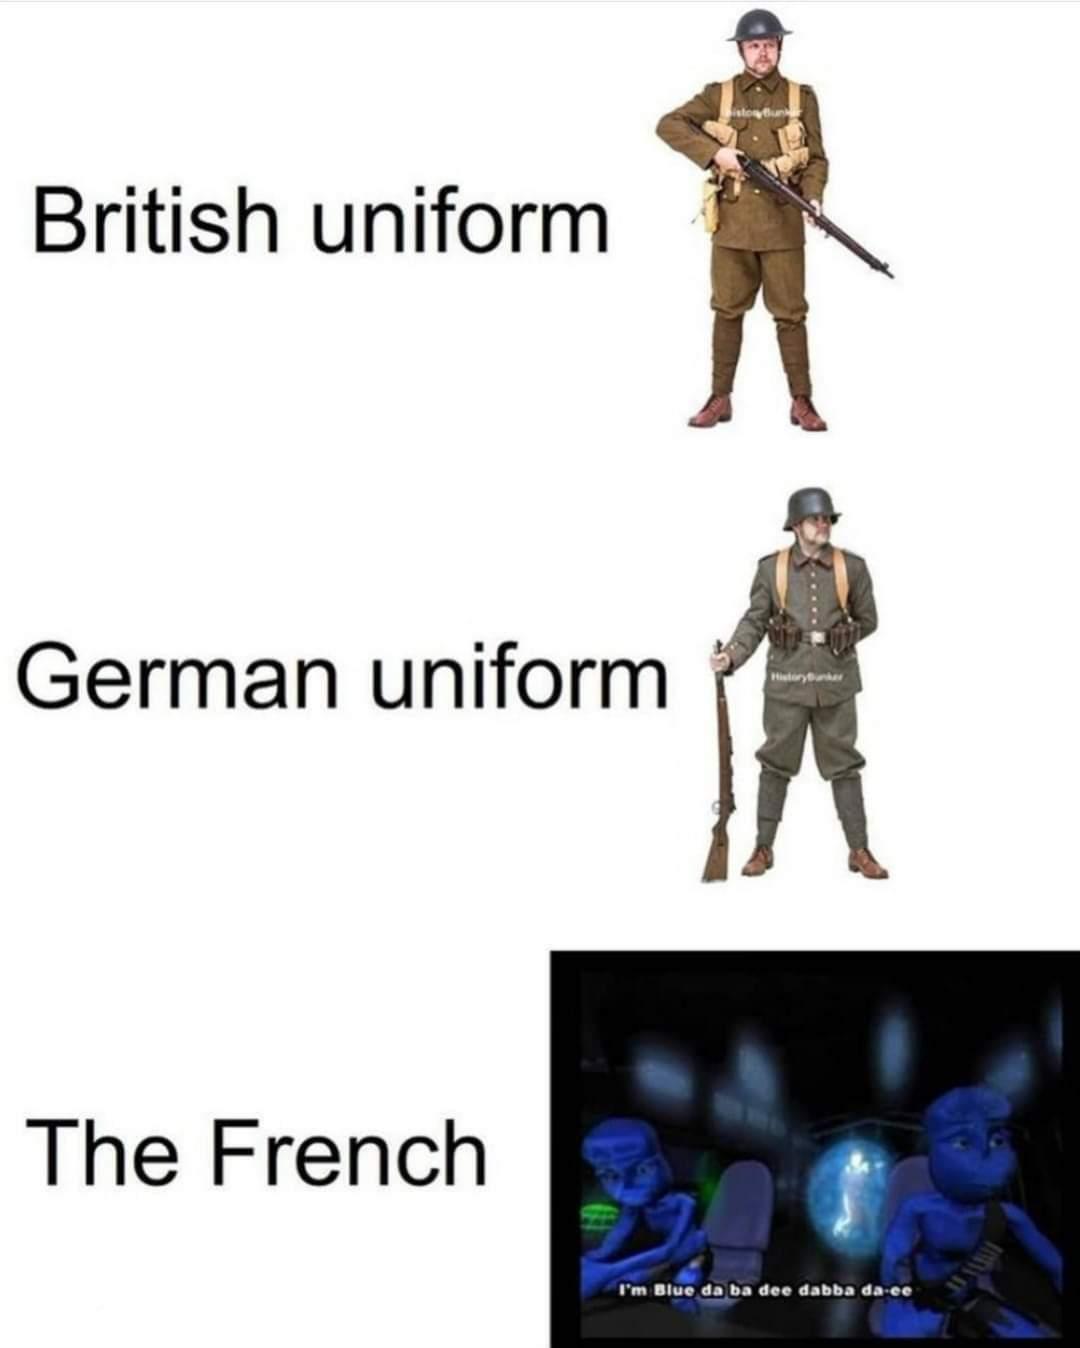 I'm blue White red - meme